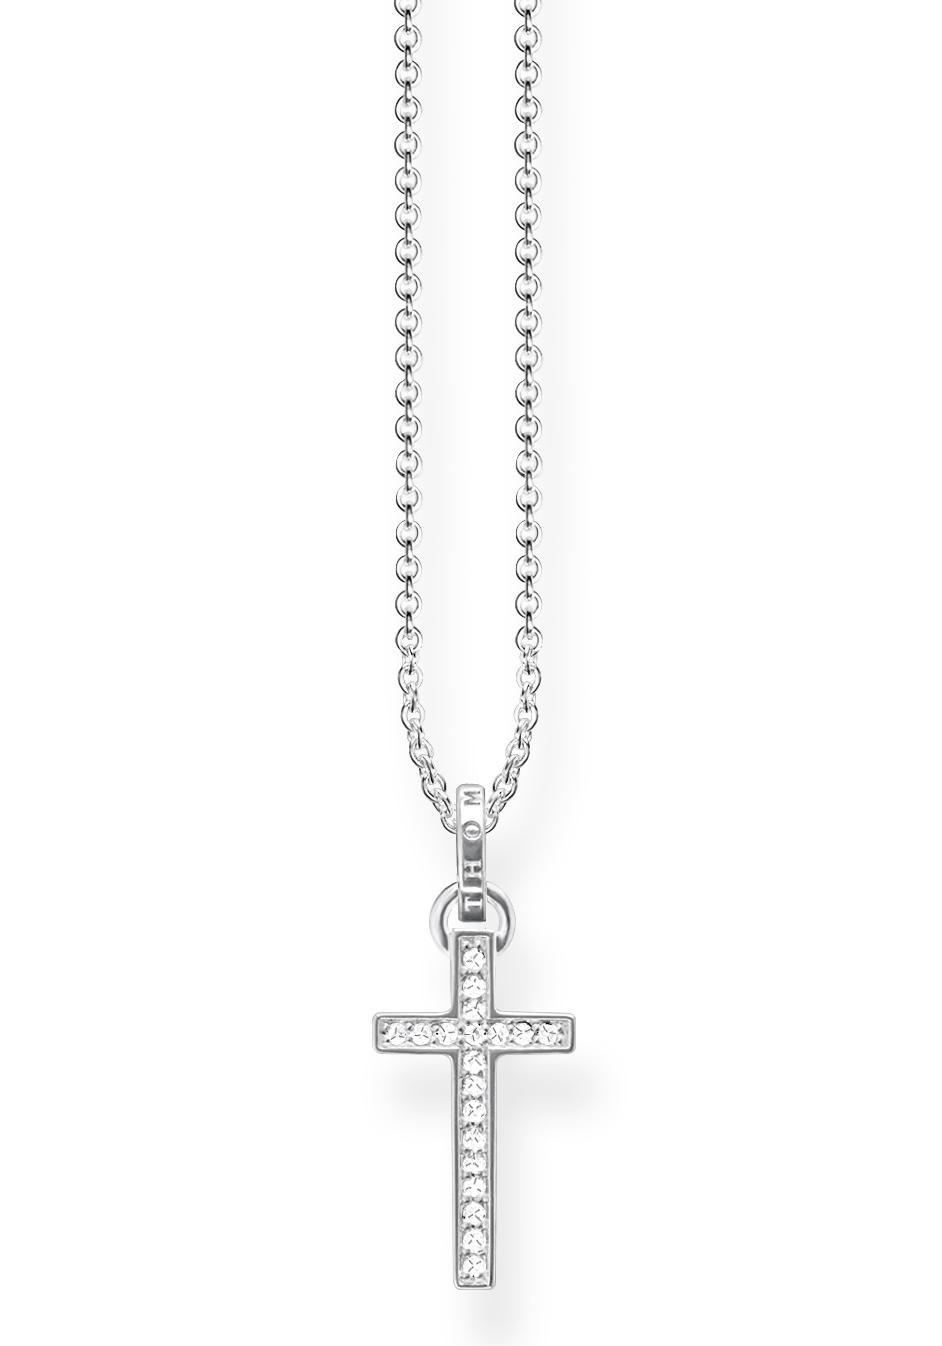 THOMAS SABO Kette mit Anhänger Kreuz KE1653-051-14-L45v   Schmuck > Halsketten   Thomas Sabo